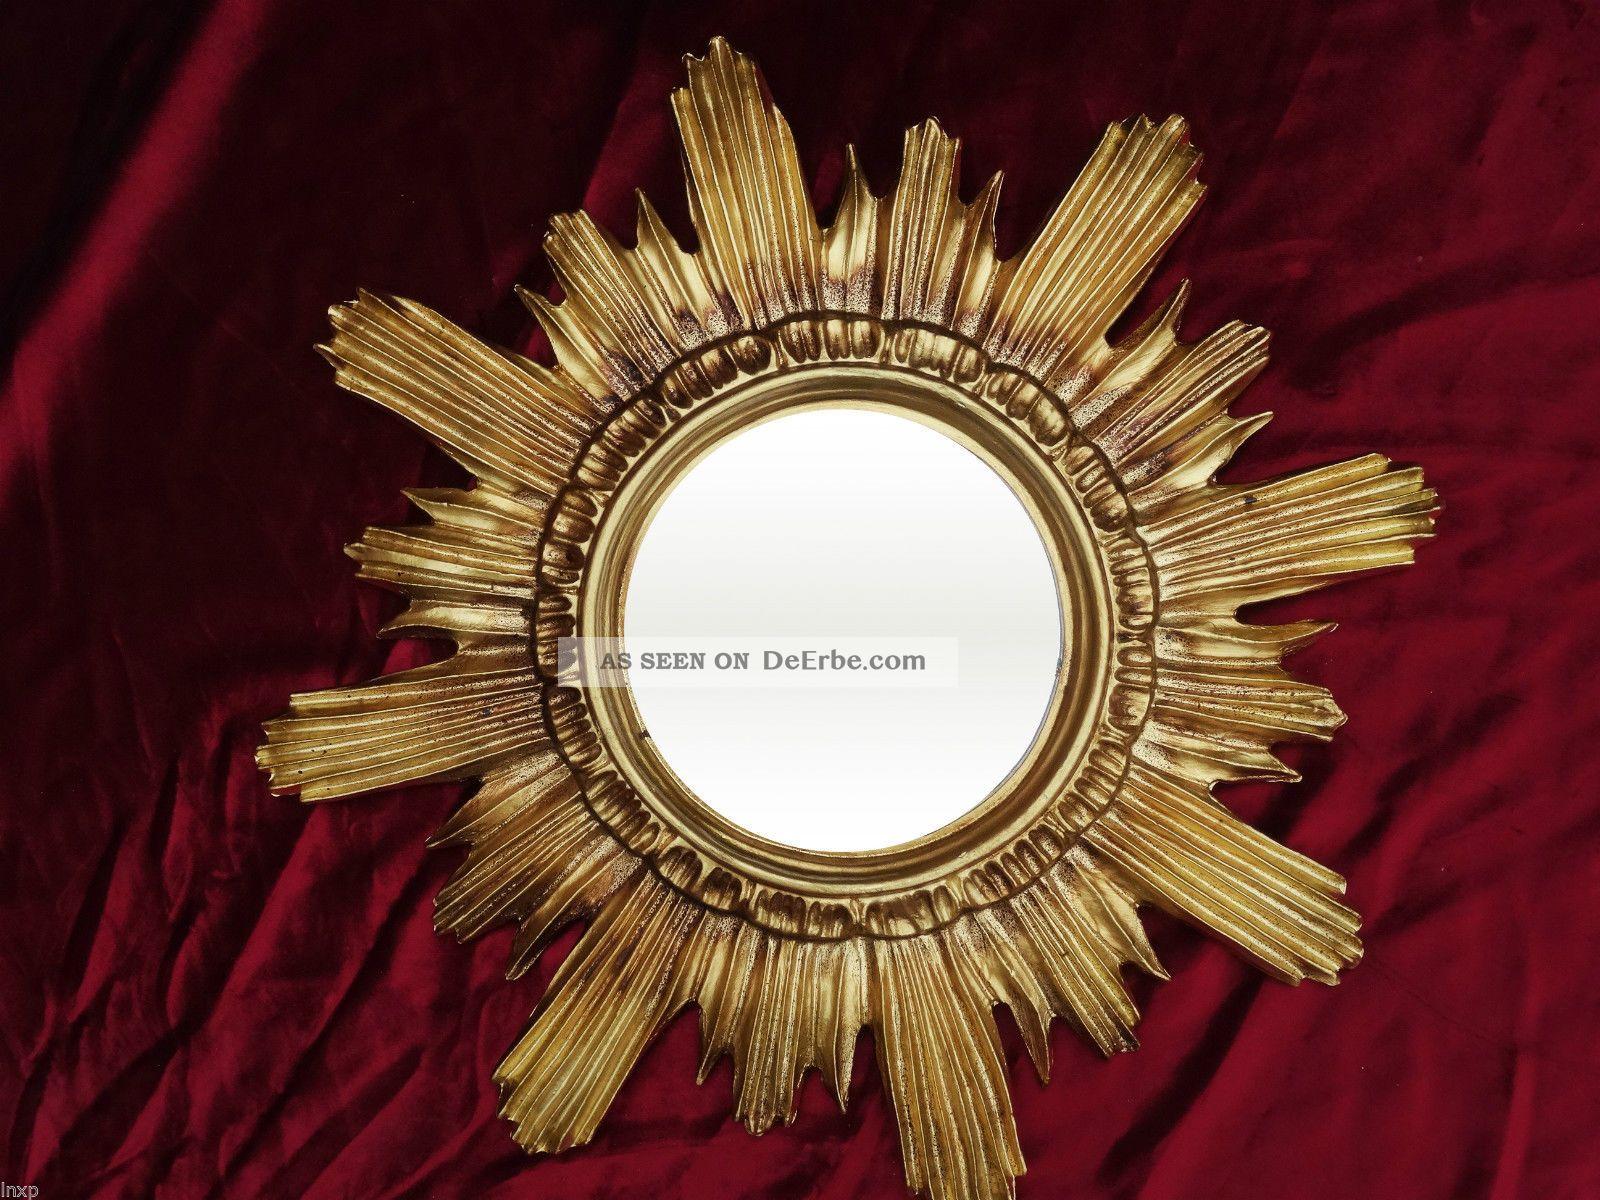 Barock antik wandspiegel sonne in gold 42x42 cm rund runder repro spiegel sun 13 - Runder spiegel gold ...